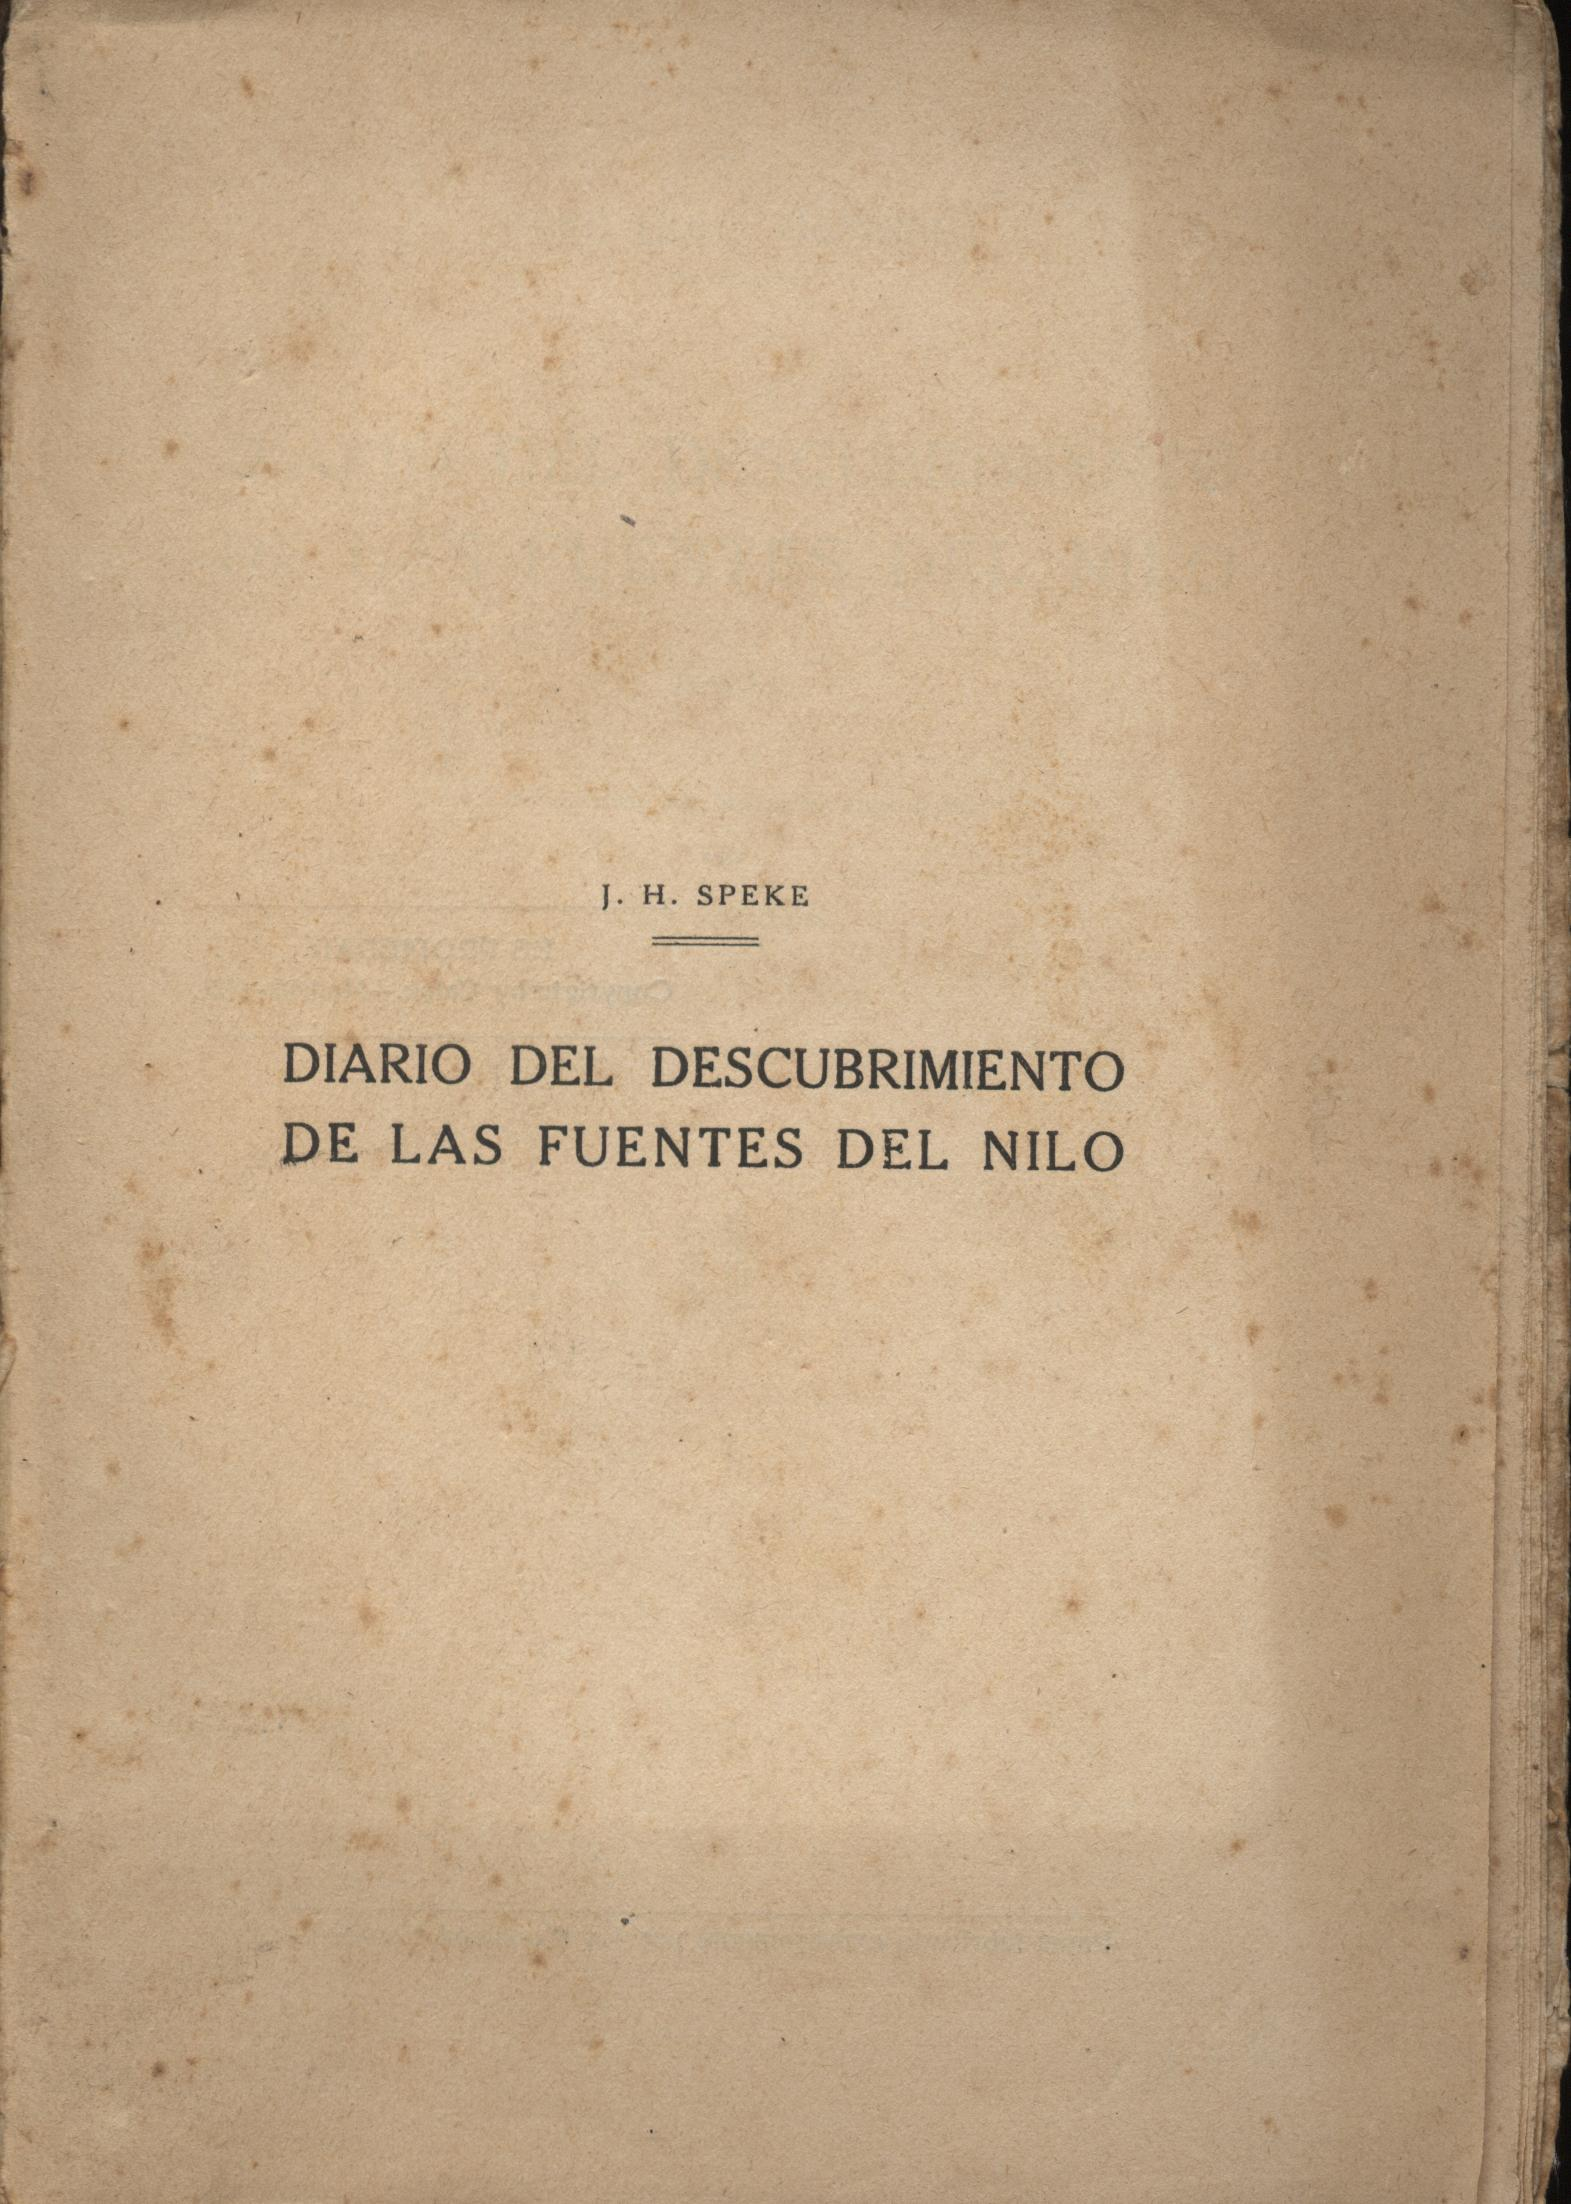 Diario del descubrimiento de las fuentes del nilo Tomo II - Specke